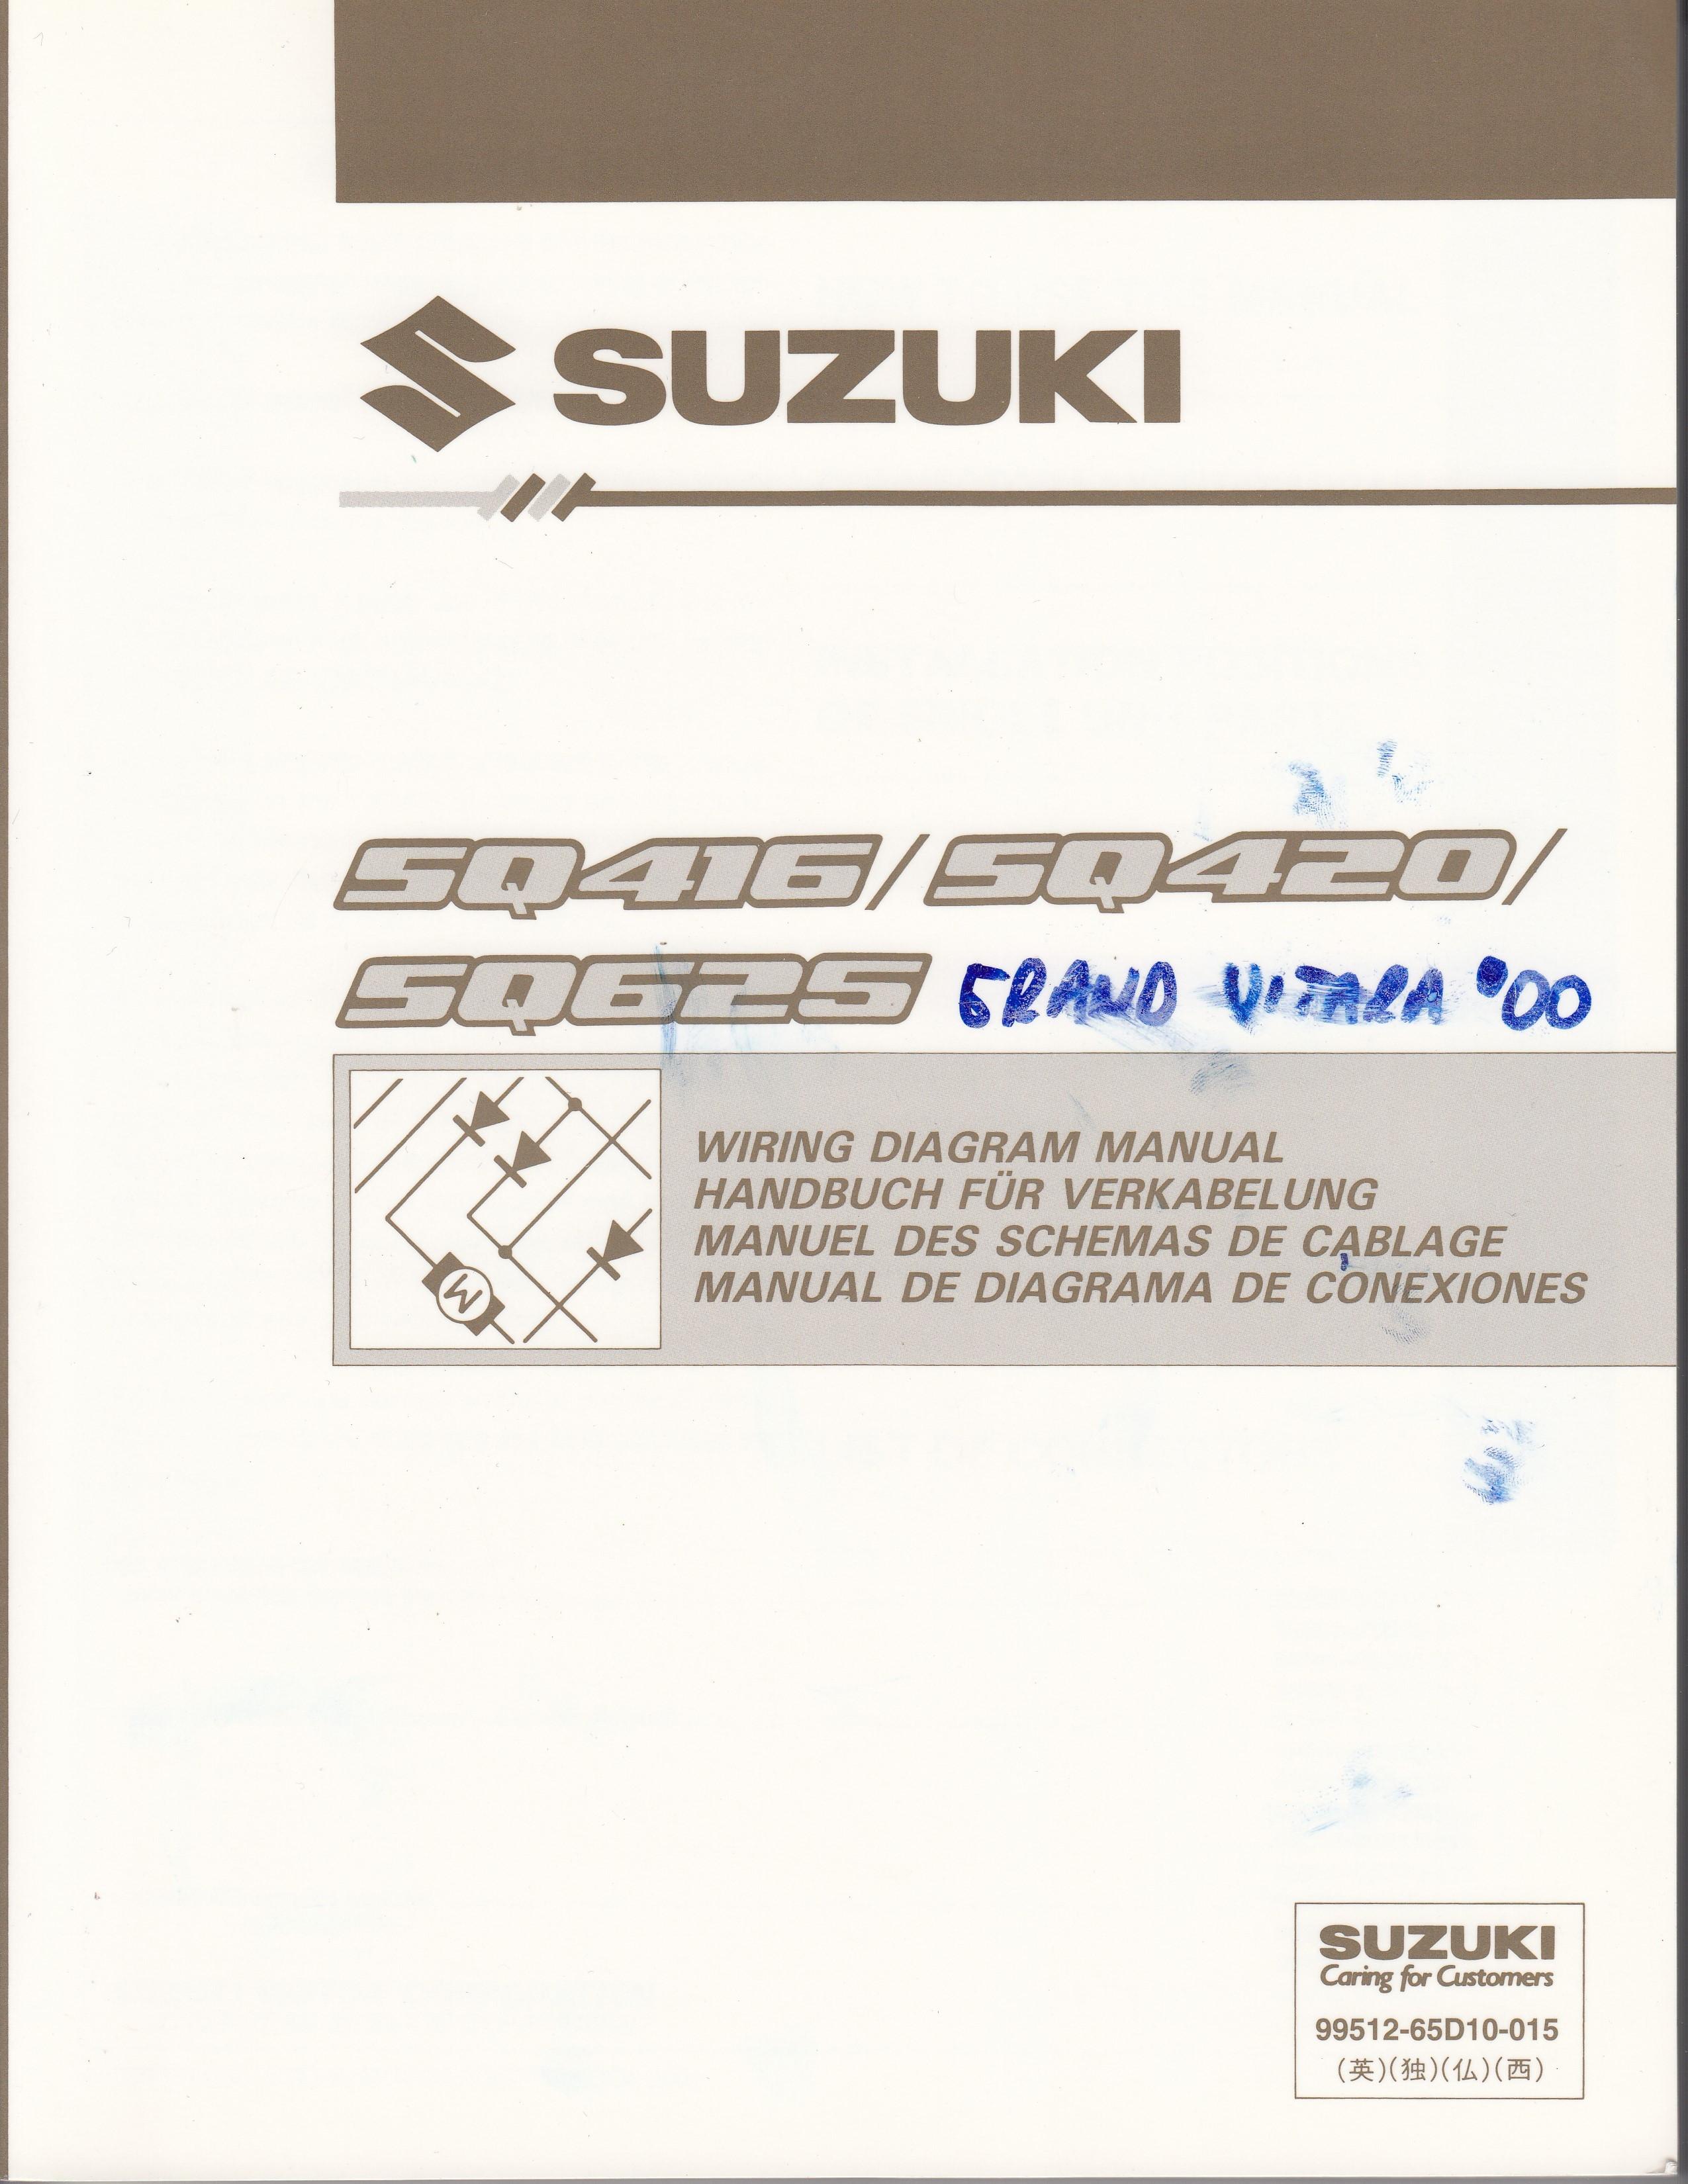 Suzuki Grand Vitara 98 05 Schaltplan Zum Werkstatthandbuch Fr Yamaha Xt 600 Tenere Wiring Diagram